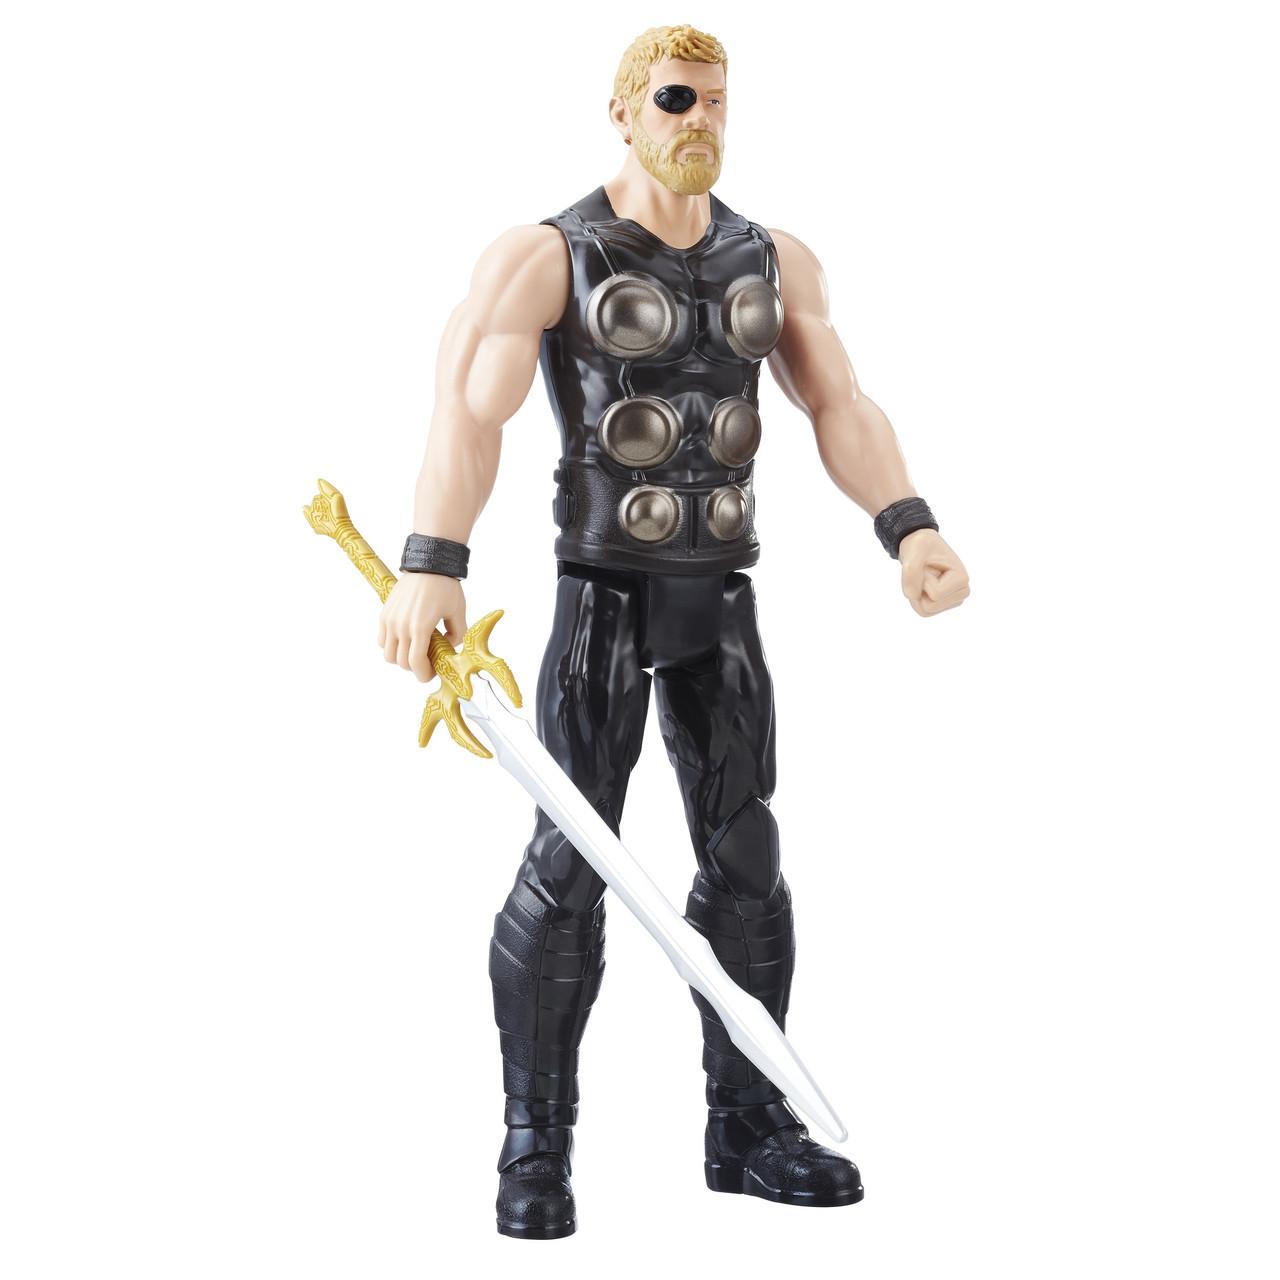 Игрушка Hasbro Тор 30см, Мстители, Война Бесконечности- Thor, Titan Hero Series, Avengers